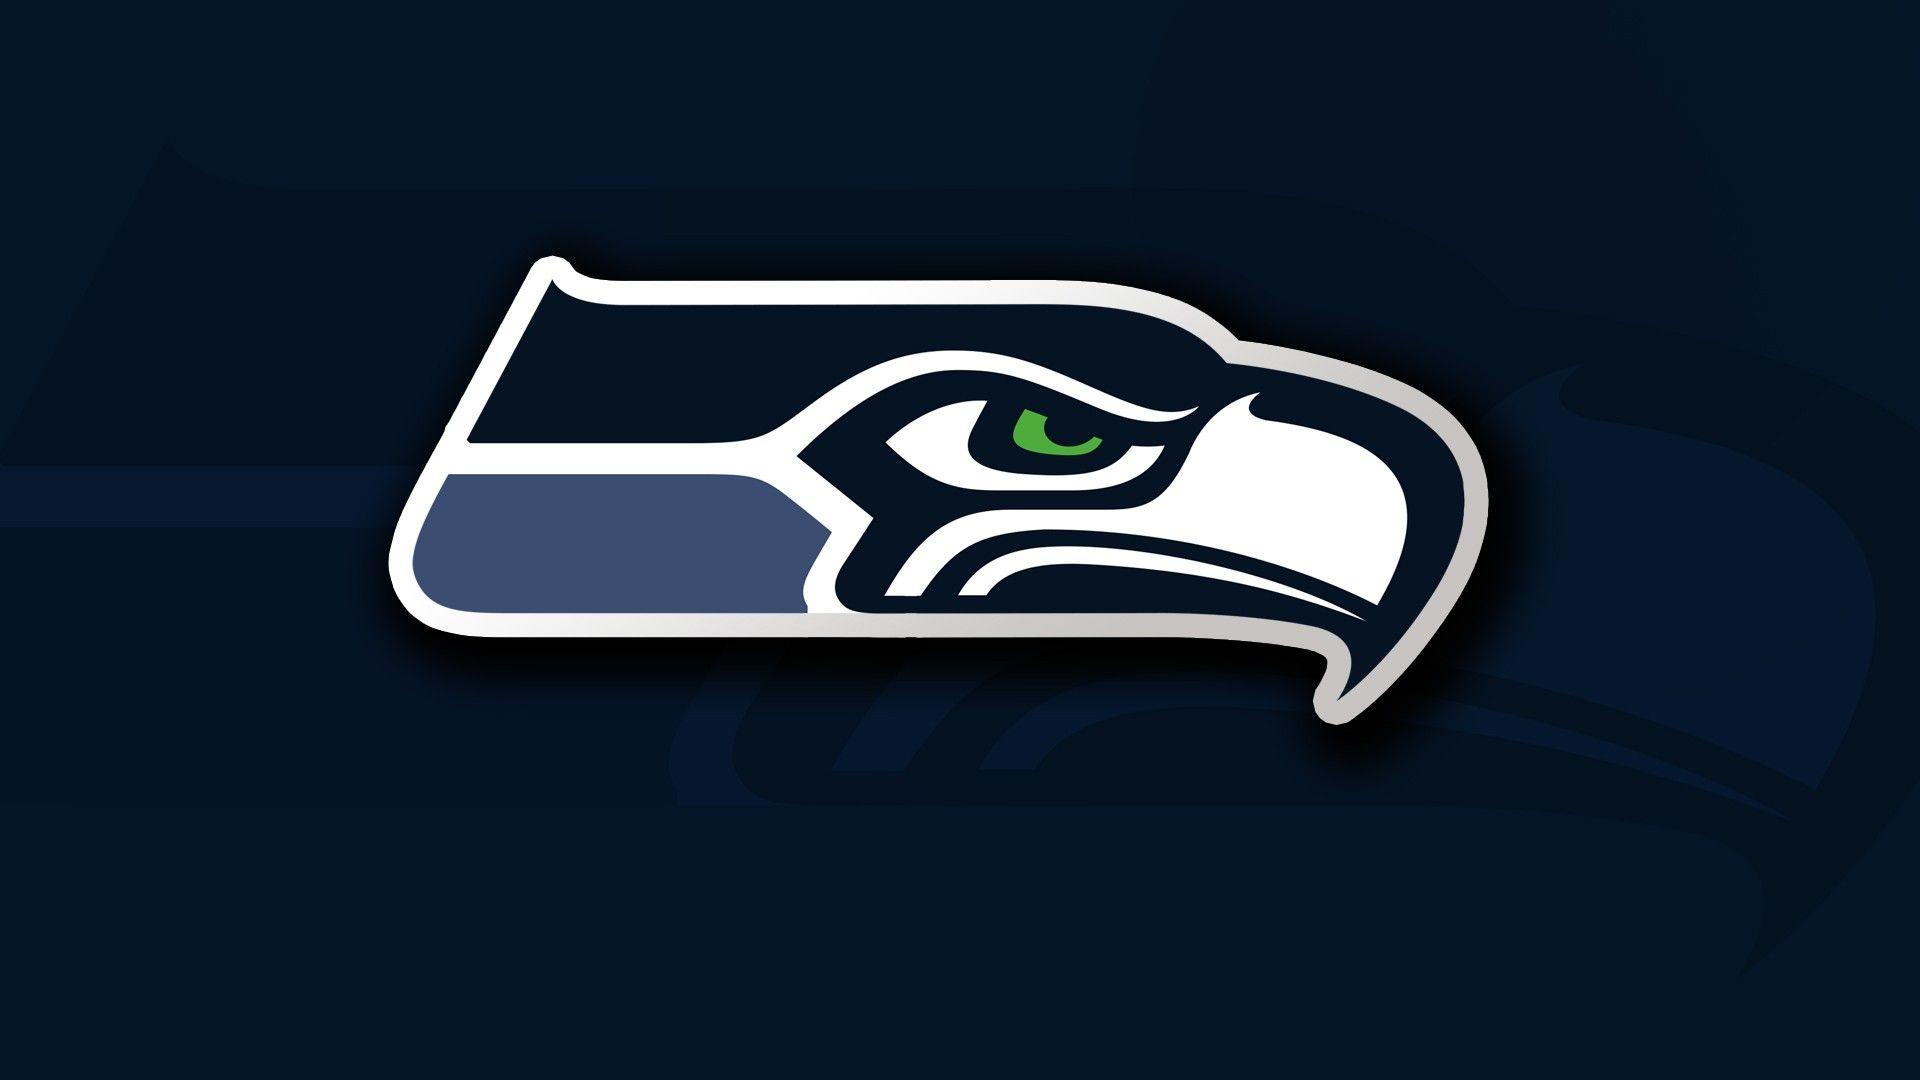 Seattle Seahawks Wallpaper HD 2020 NFL Football Wallpapers 1920x1080